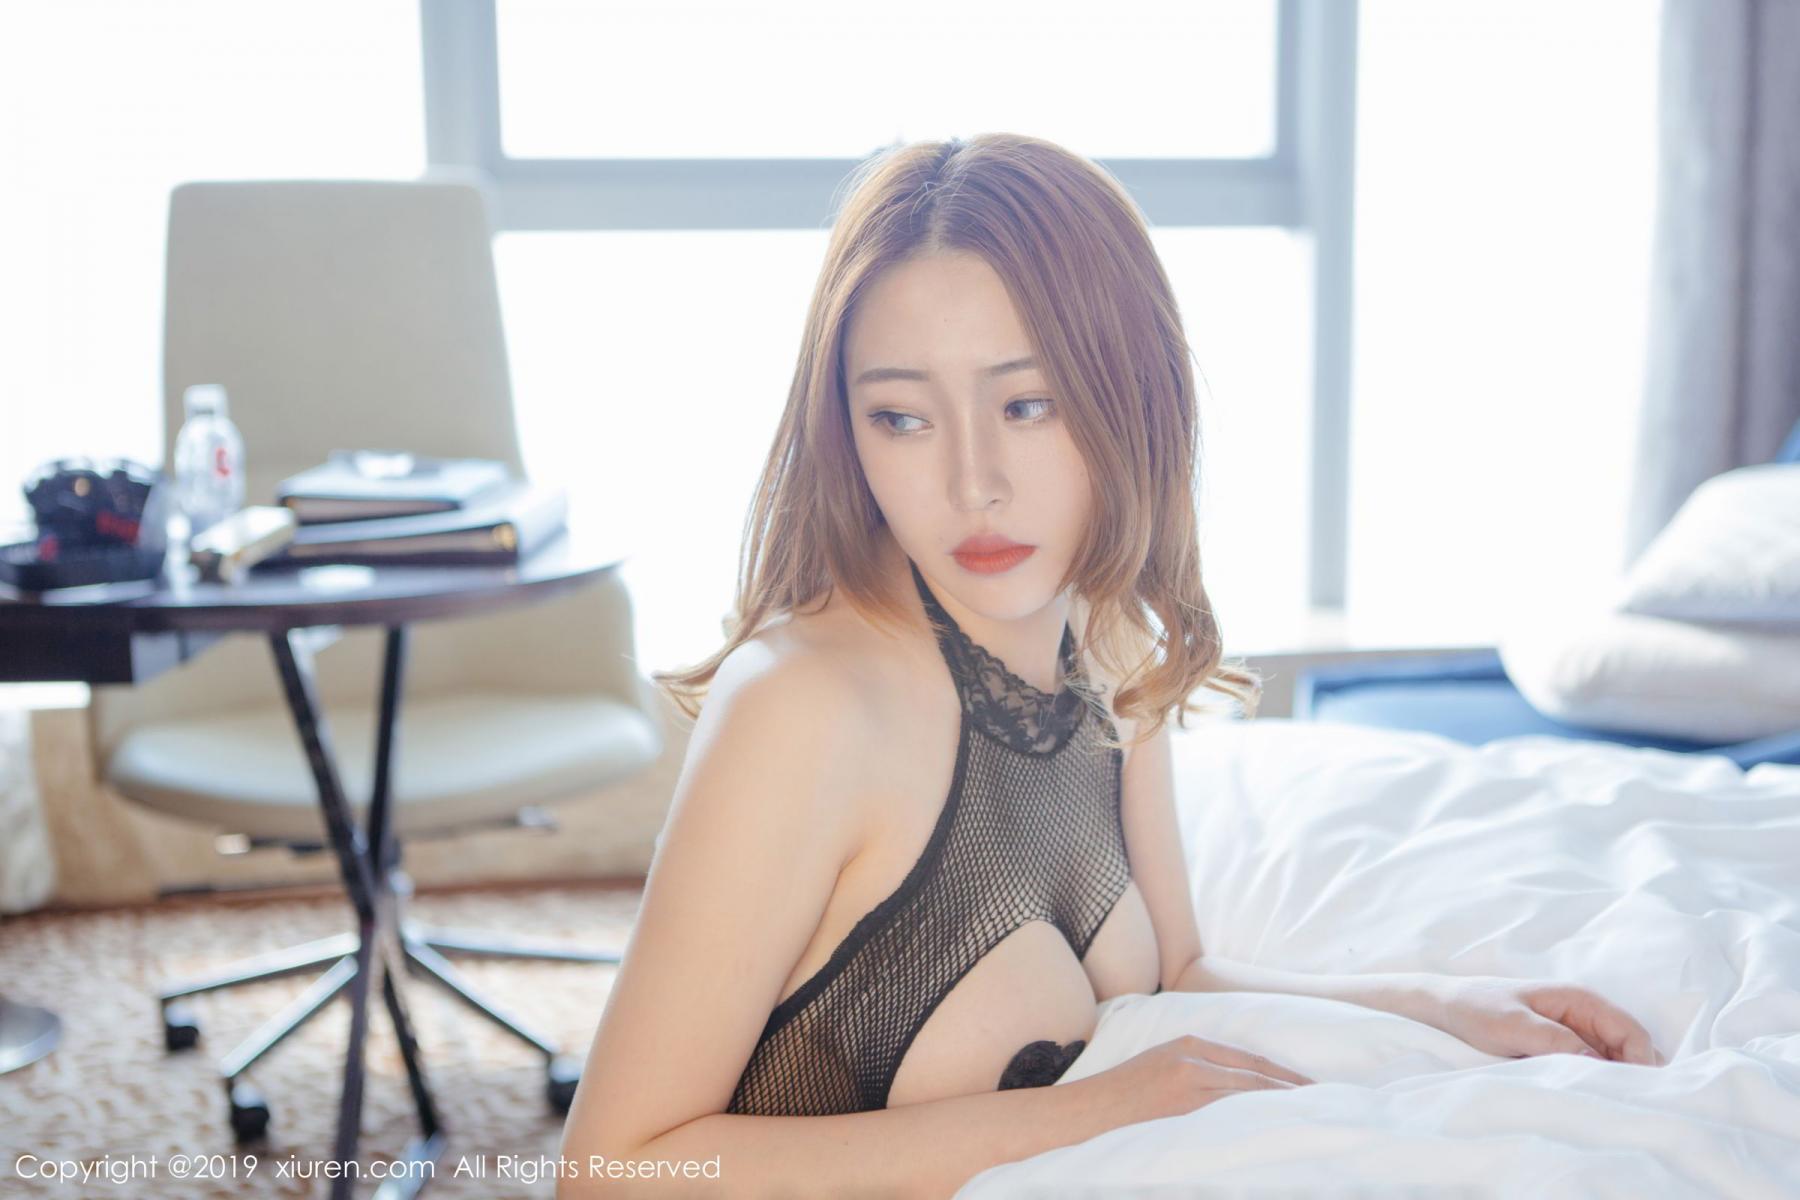 [XiuRen] Vol.1481 Yao A Yao De Yao 43P, Adult, Xiuren, Yao A Yao De Yao